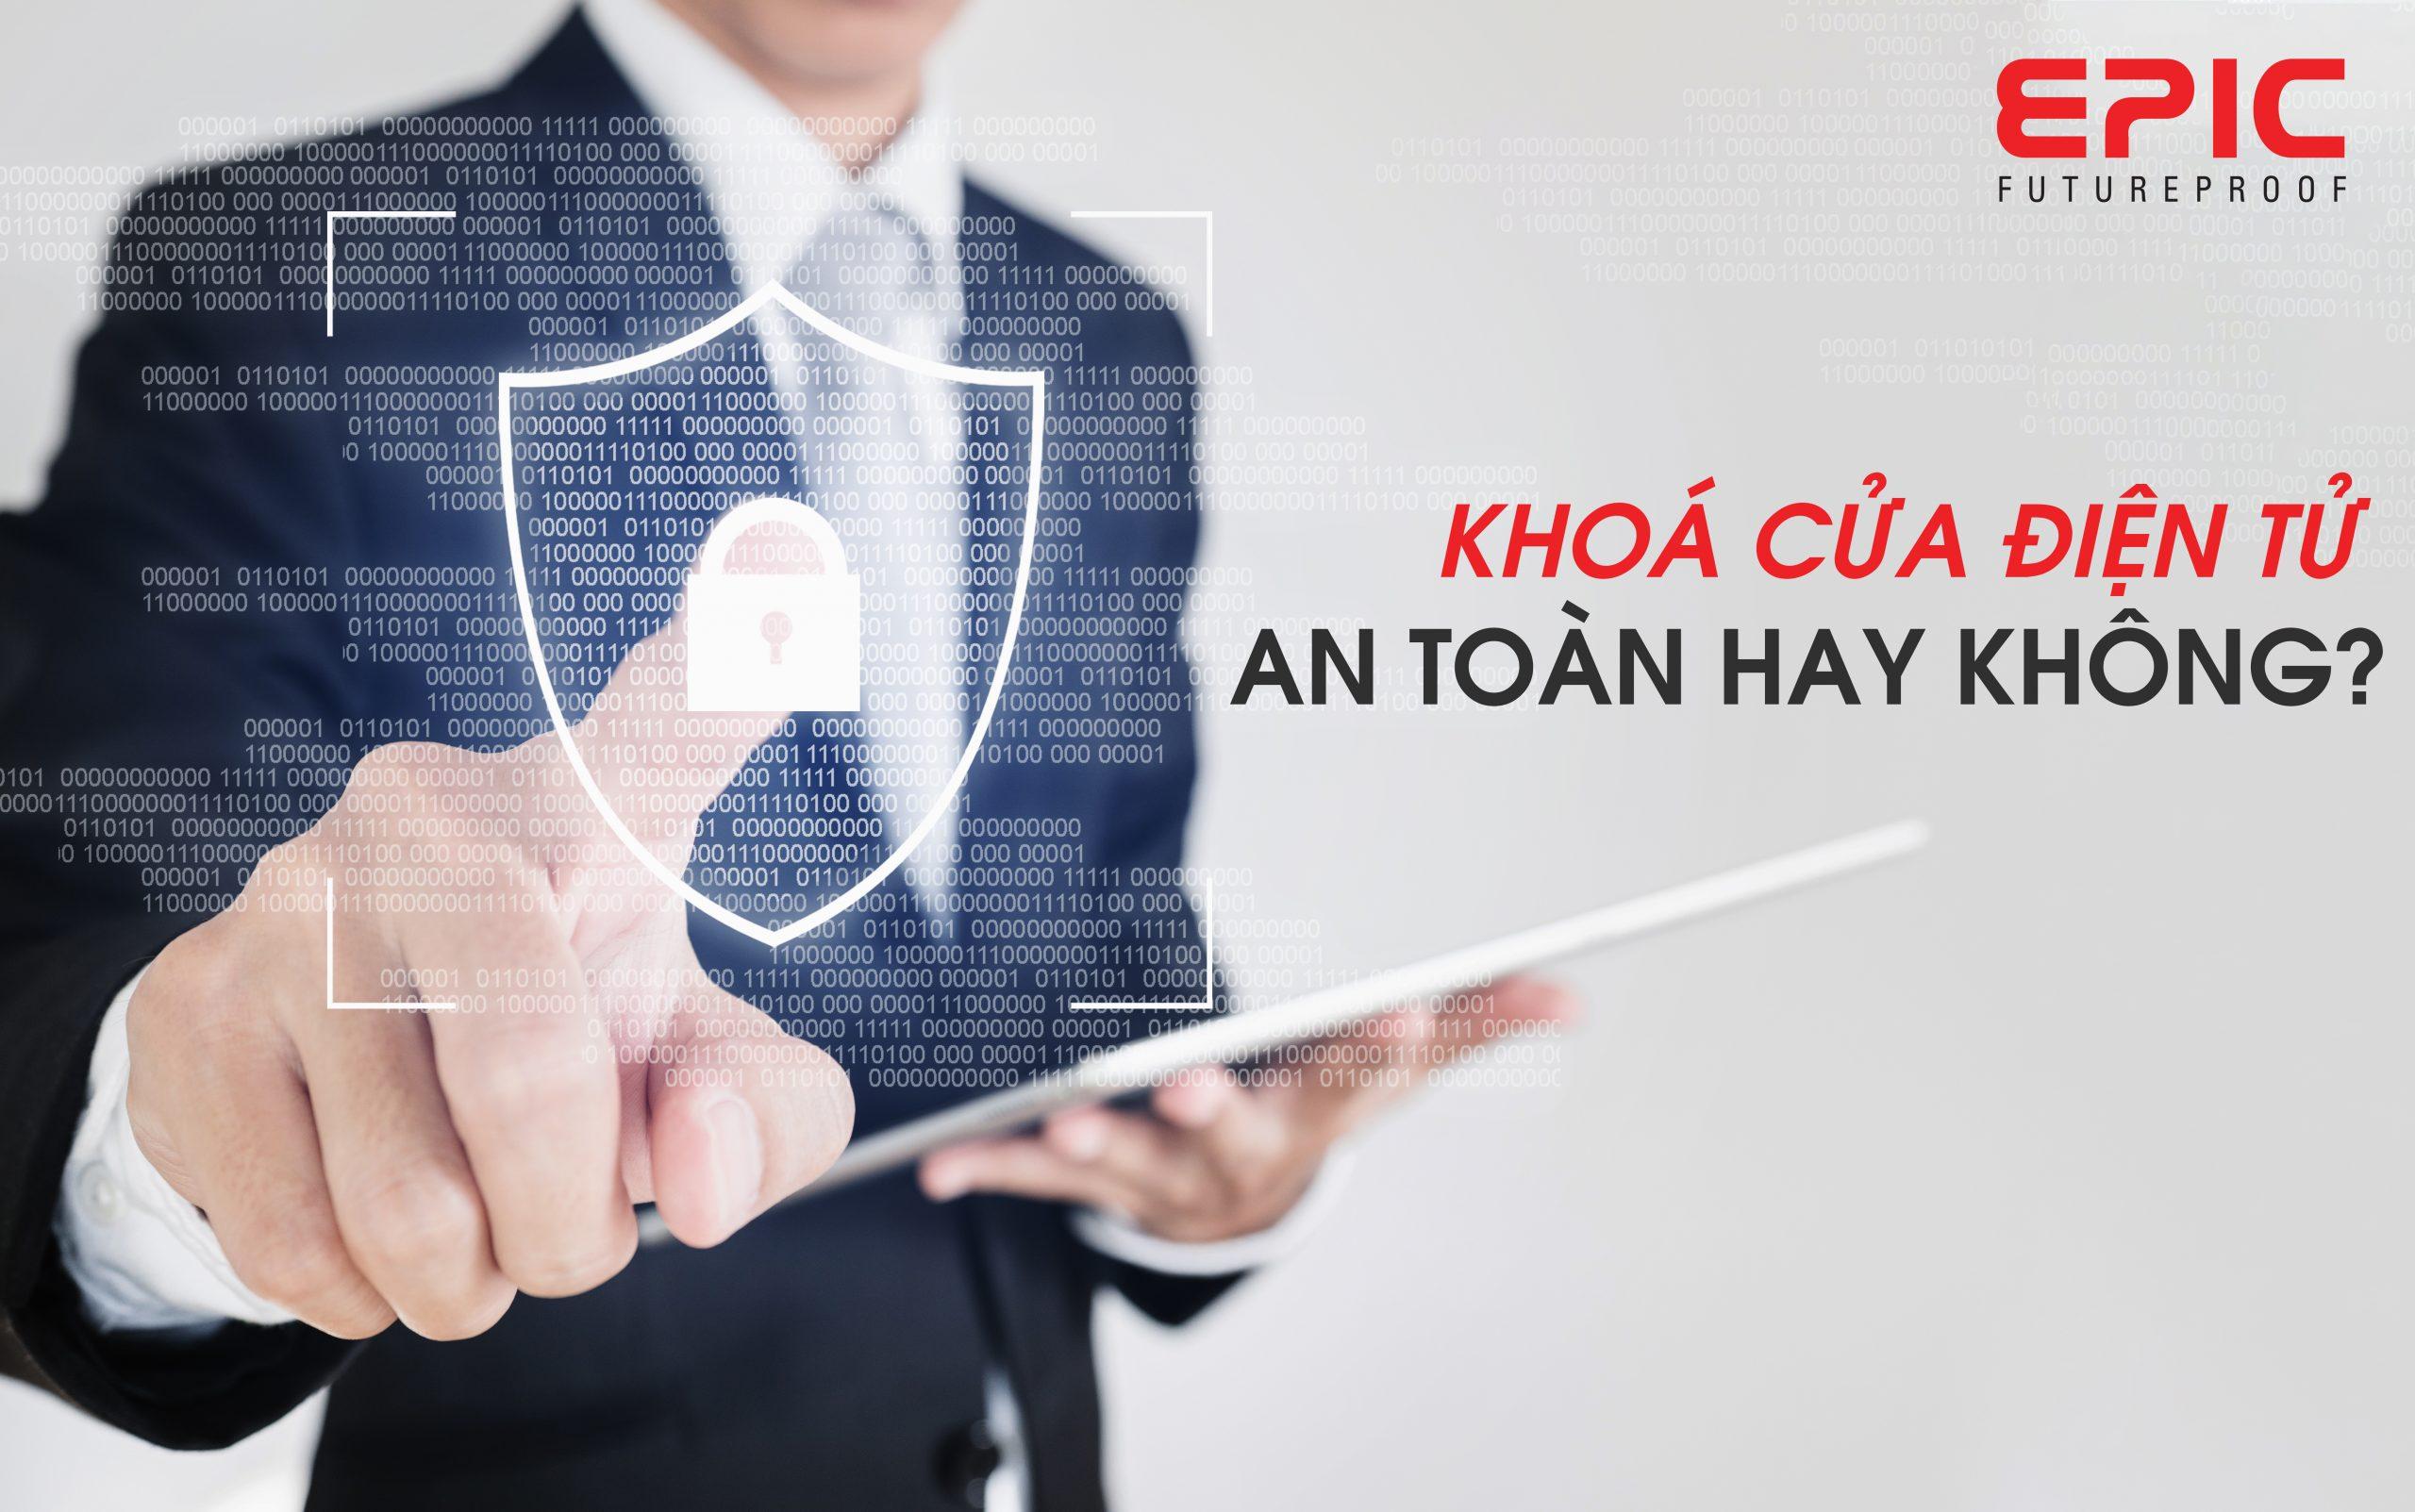 khoa-cau-dien-tu-co-an-toan-khong